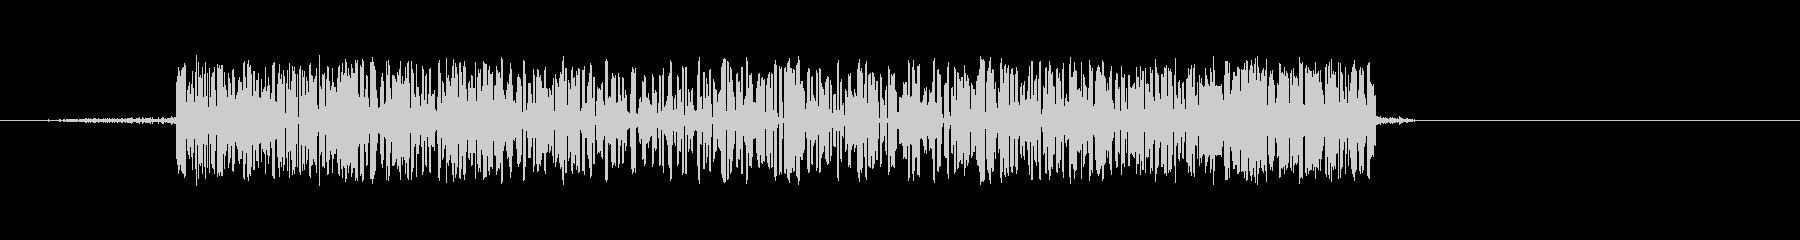 ズバッ(8bitの斬撃の音です)の未再生の波形